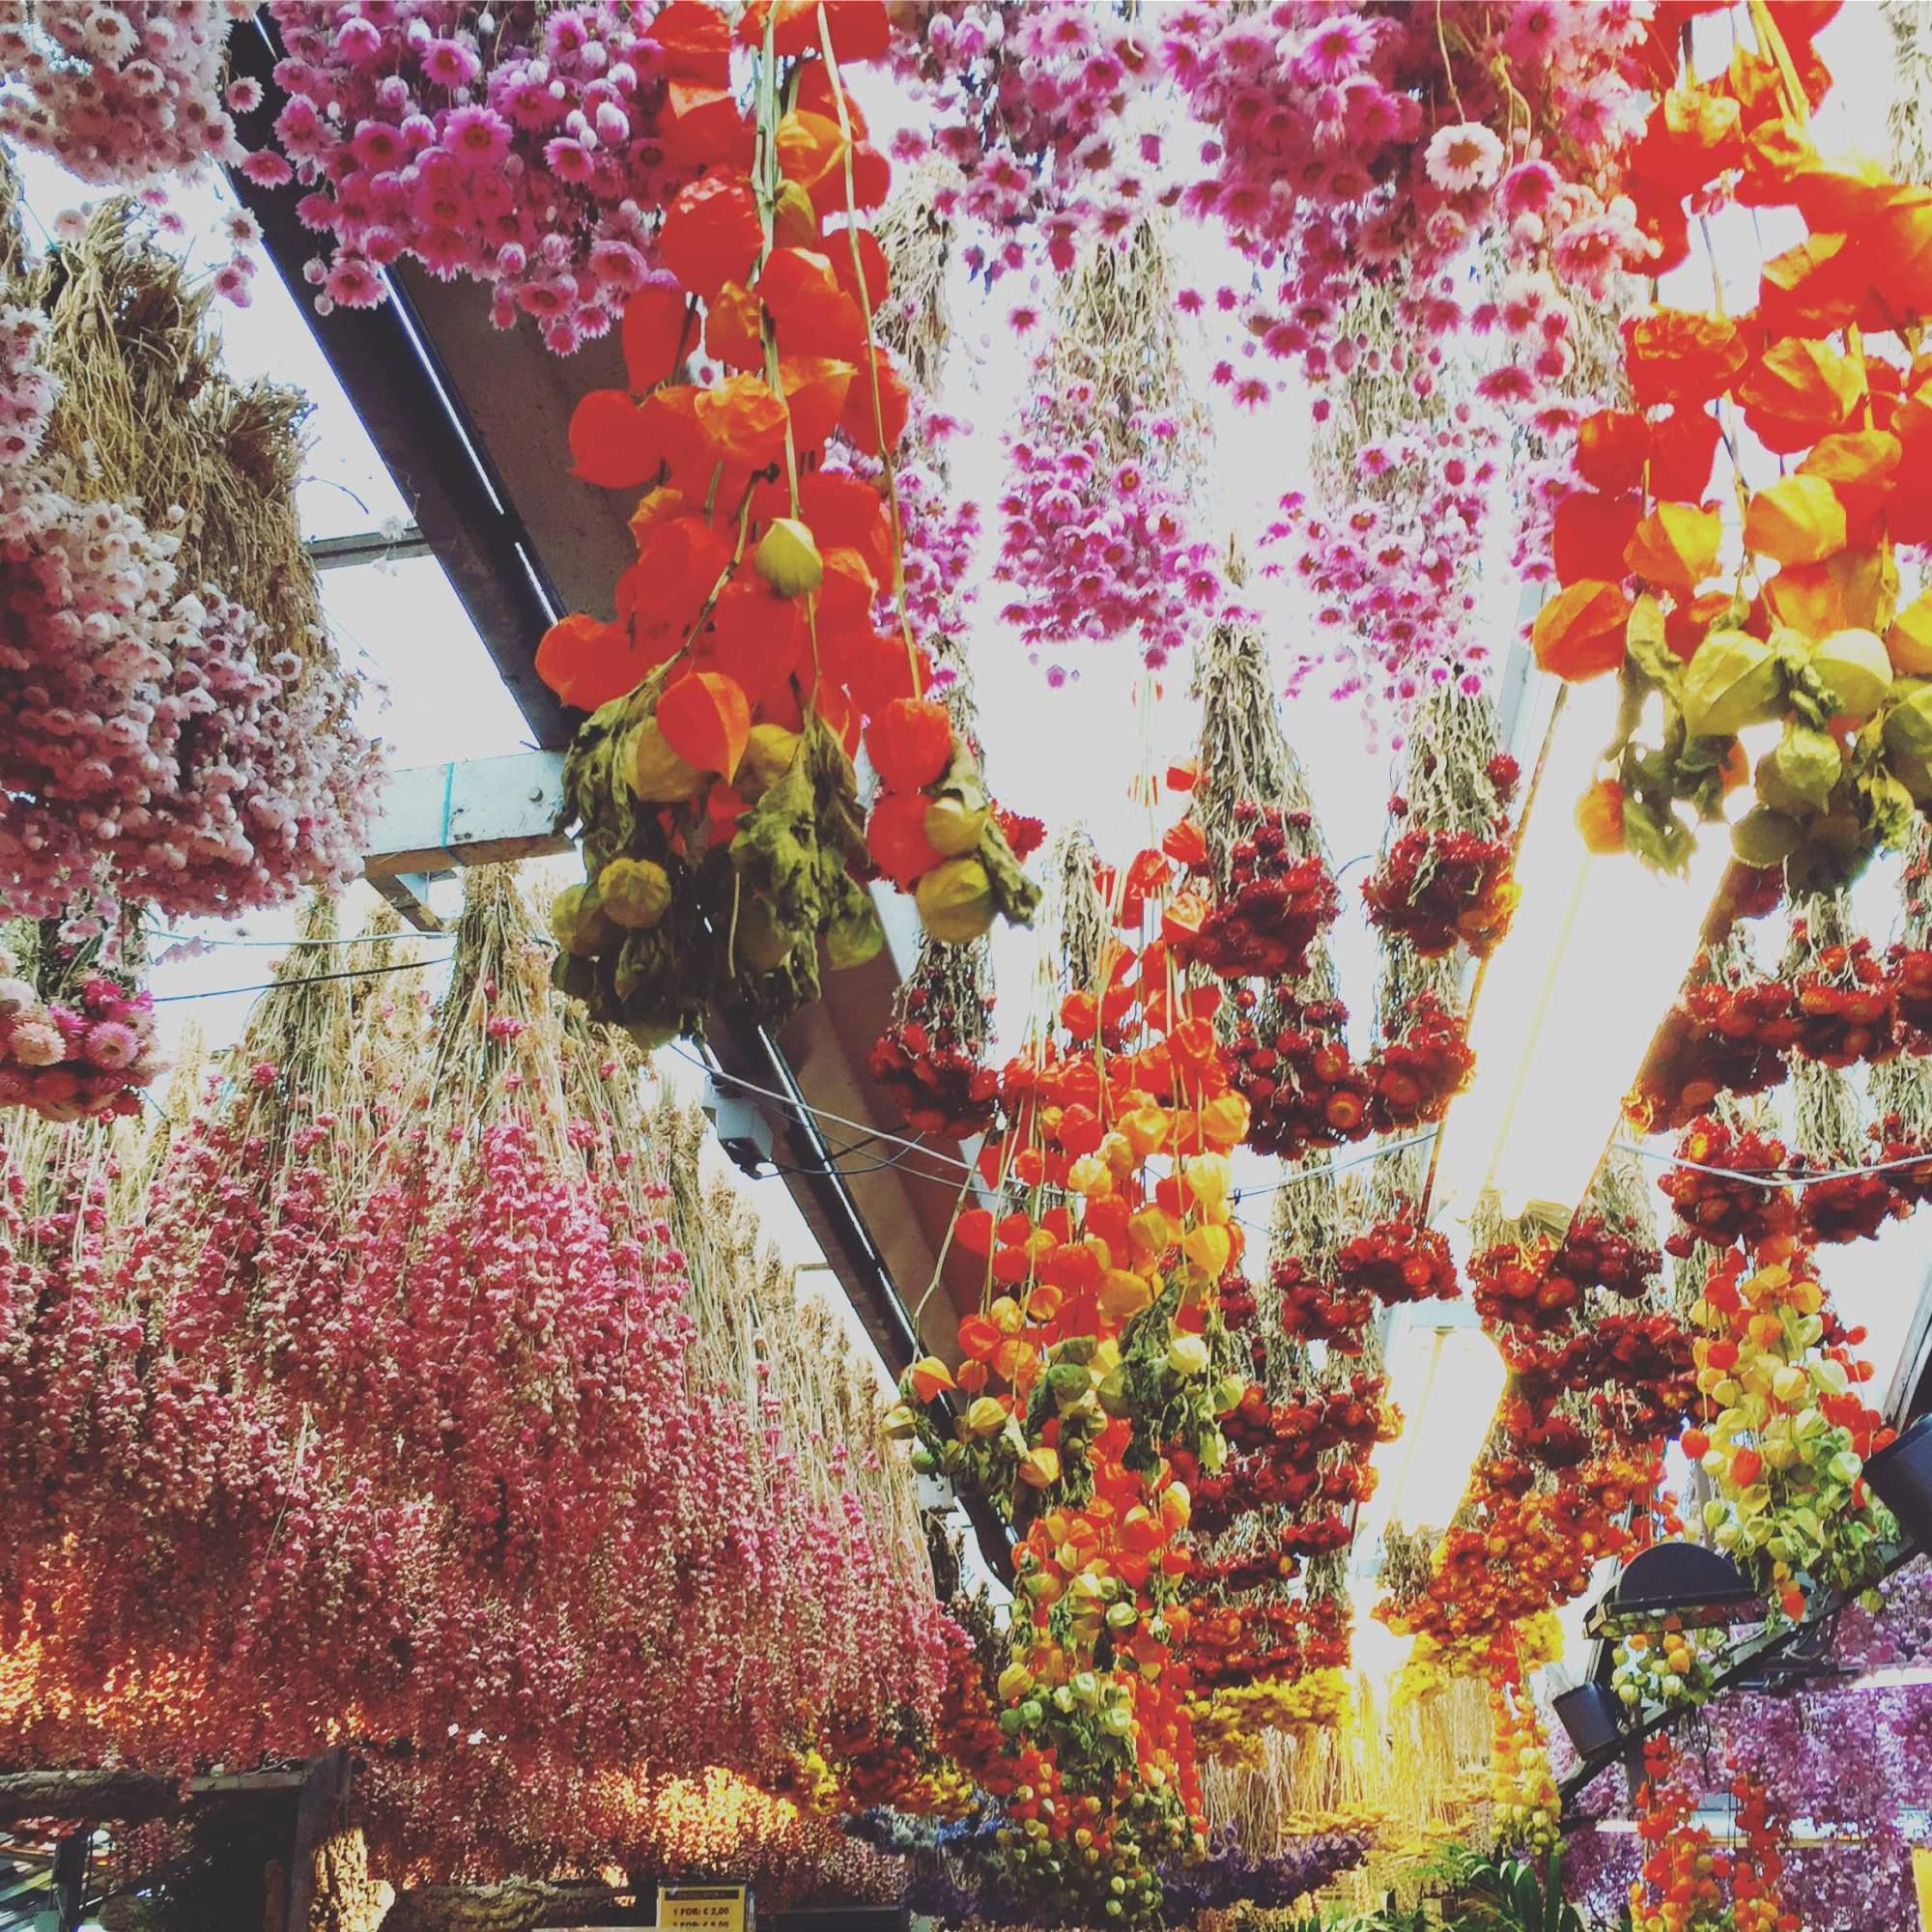 Bloemenmarket, the flower market in Amsterdam